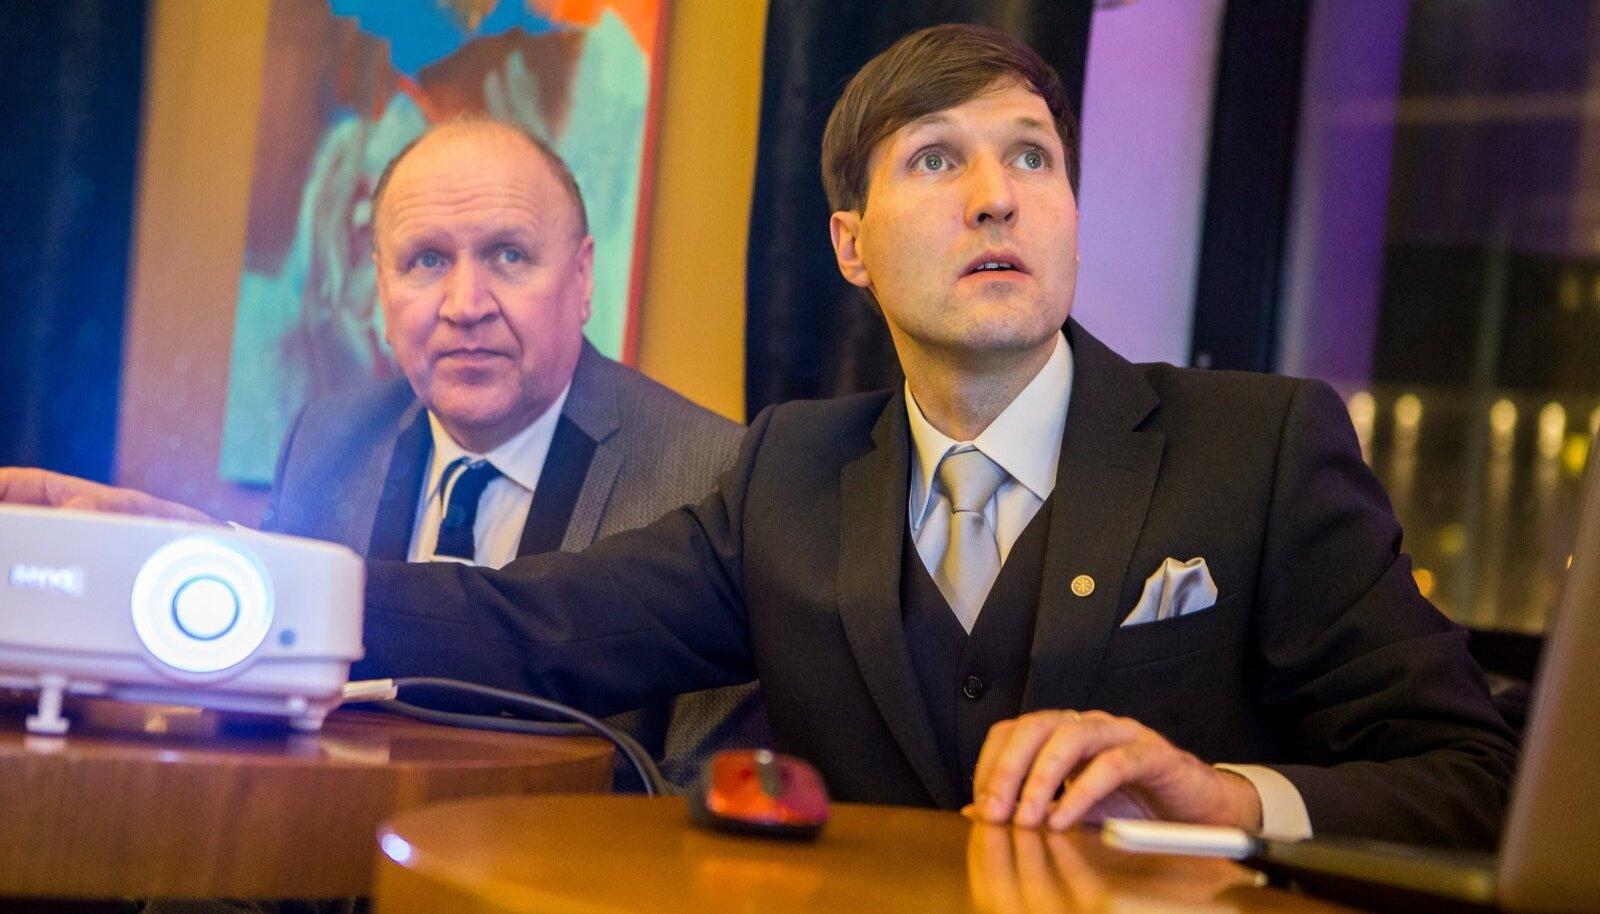 """""""Mis toimus valimistel näiteks Leedus viimane kord: nii ilmselgelt läbipaistev süvariigi skeem, mis seal käivitati ja mis seal õnnestus läbi suruda,"""" kirjeldas riigikogulane Mart Helme oktoobrikuus aset leidnud Leedu valimisi."""